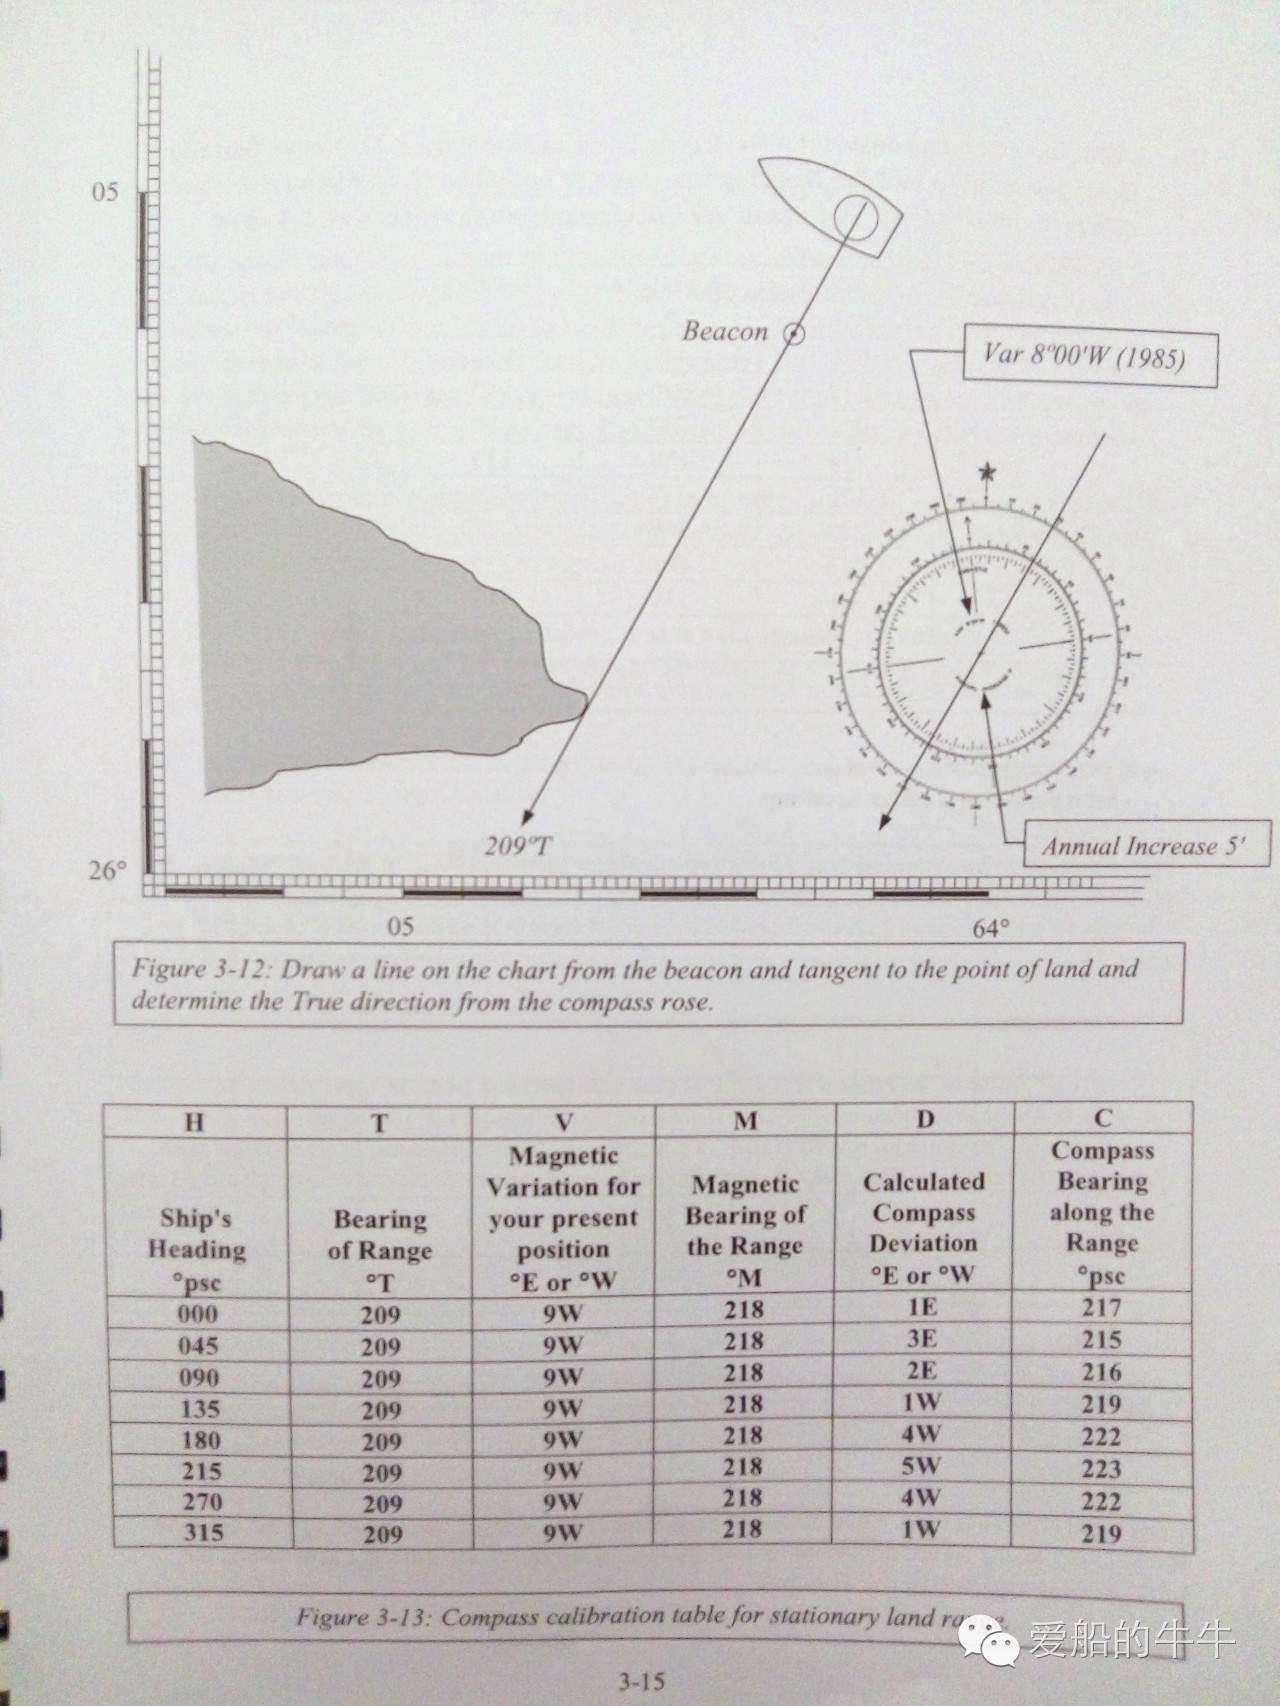 沿岸长距离航行将是ASA104、ASA105航海课程的重点!